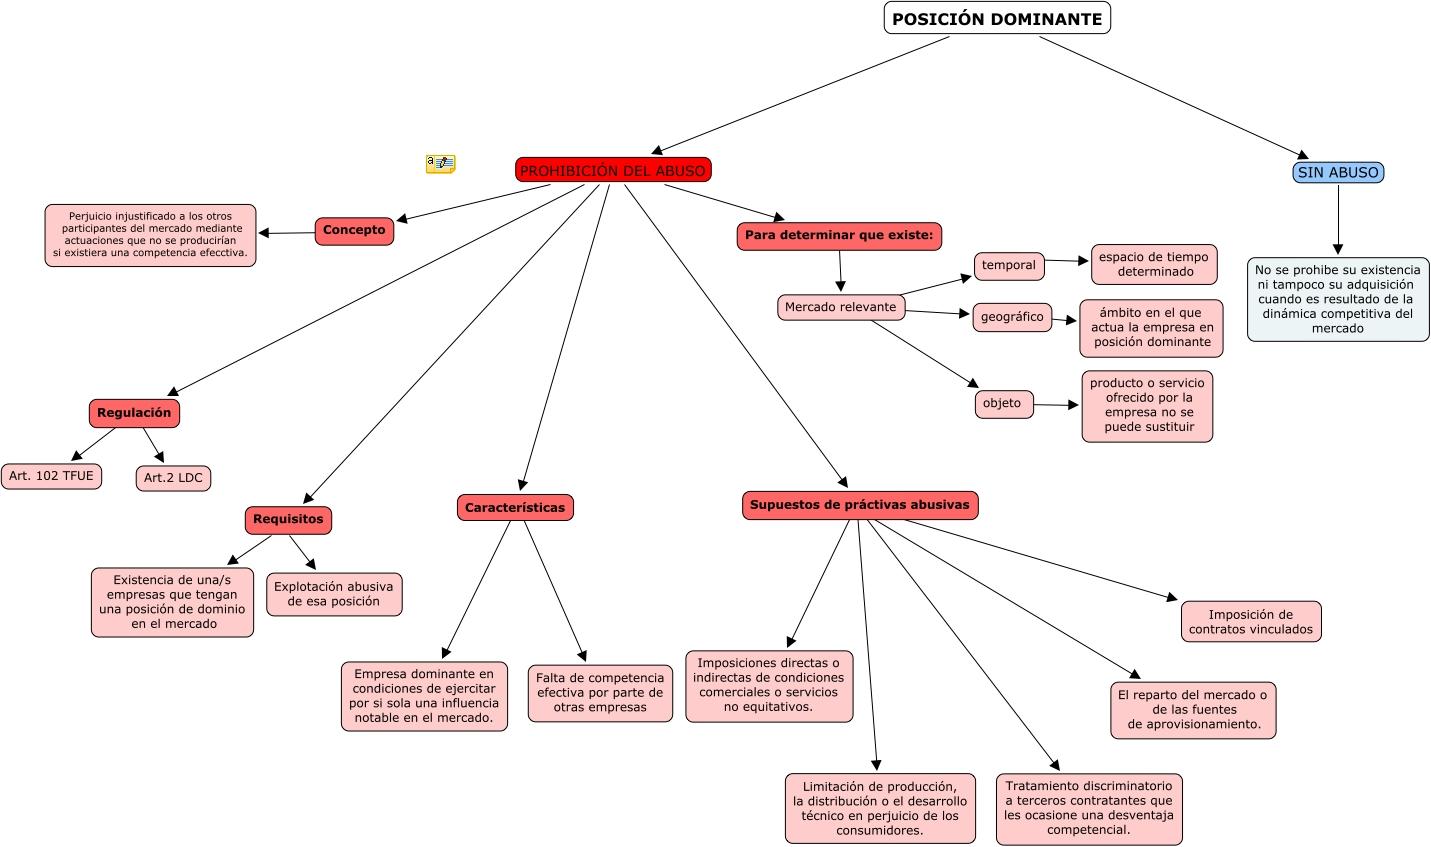 Mapa conceptual prohibici n del abuso de posici n dominante for Que es una oficina y sus caracteristicas